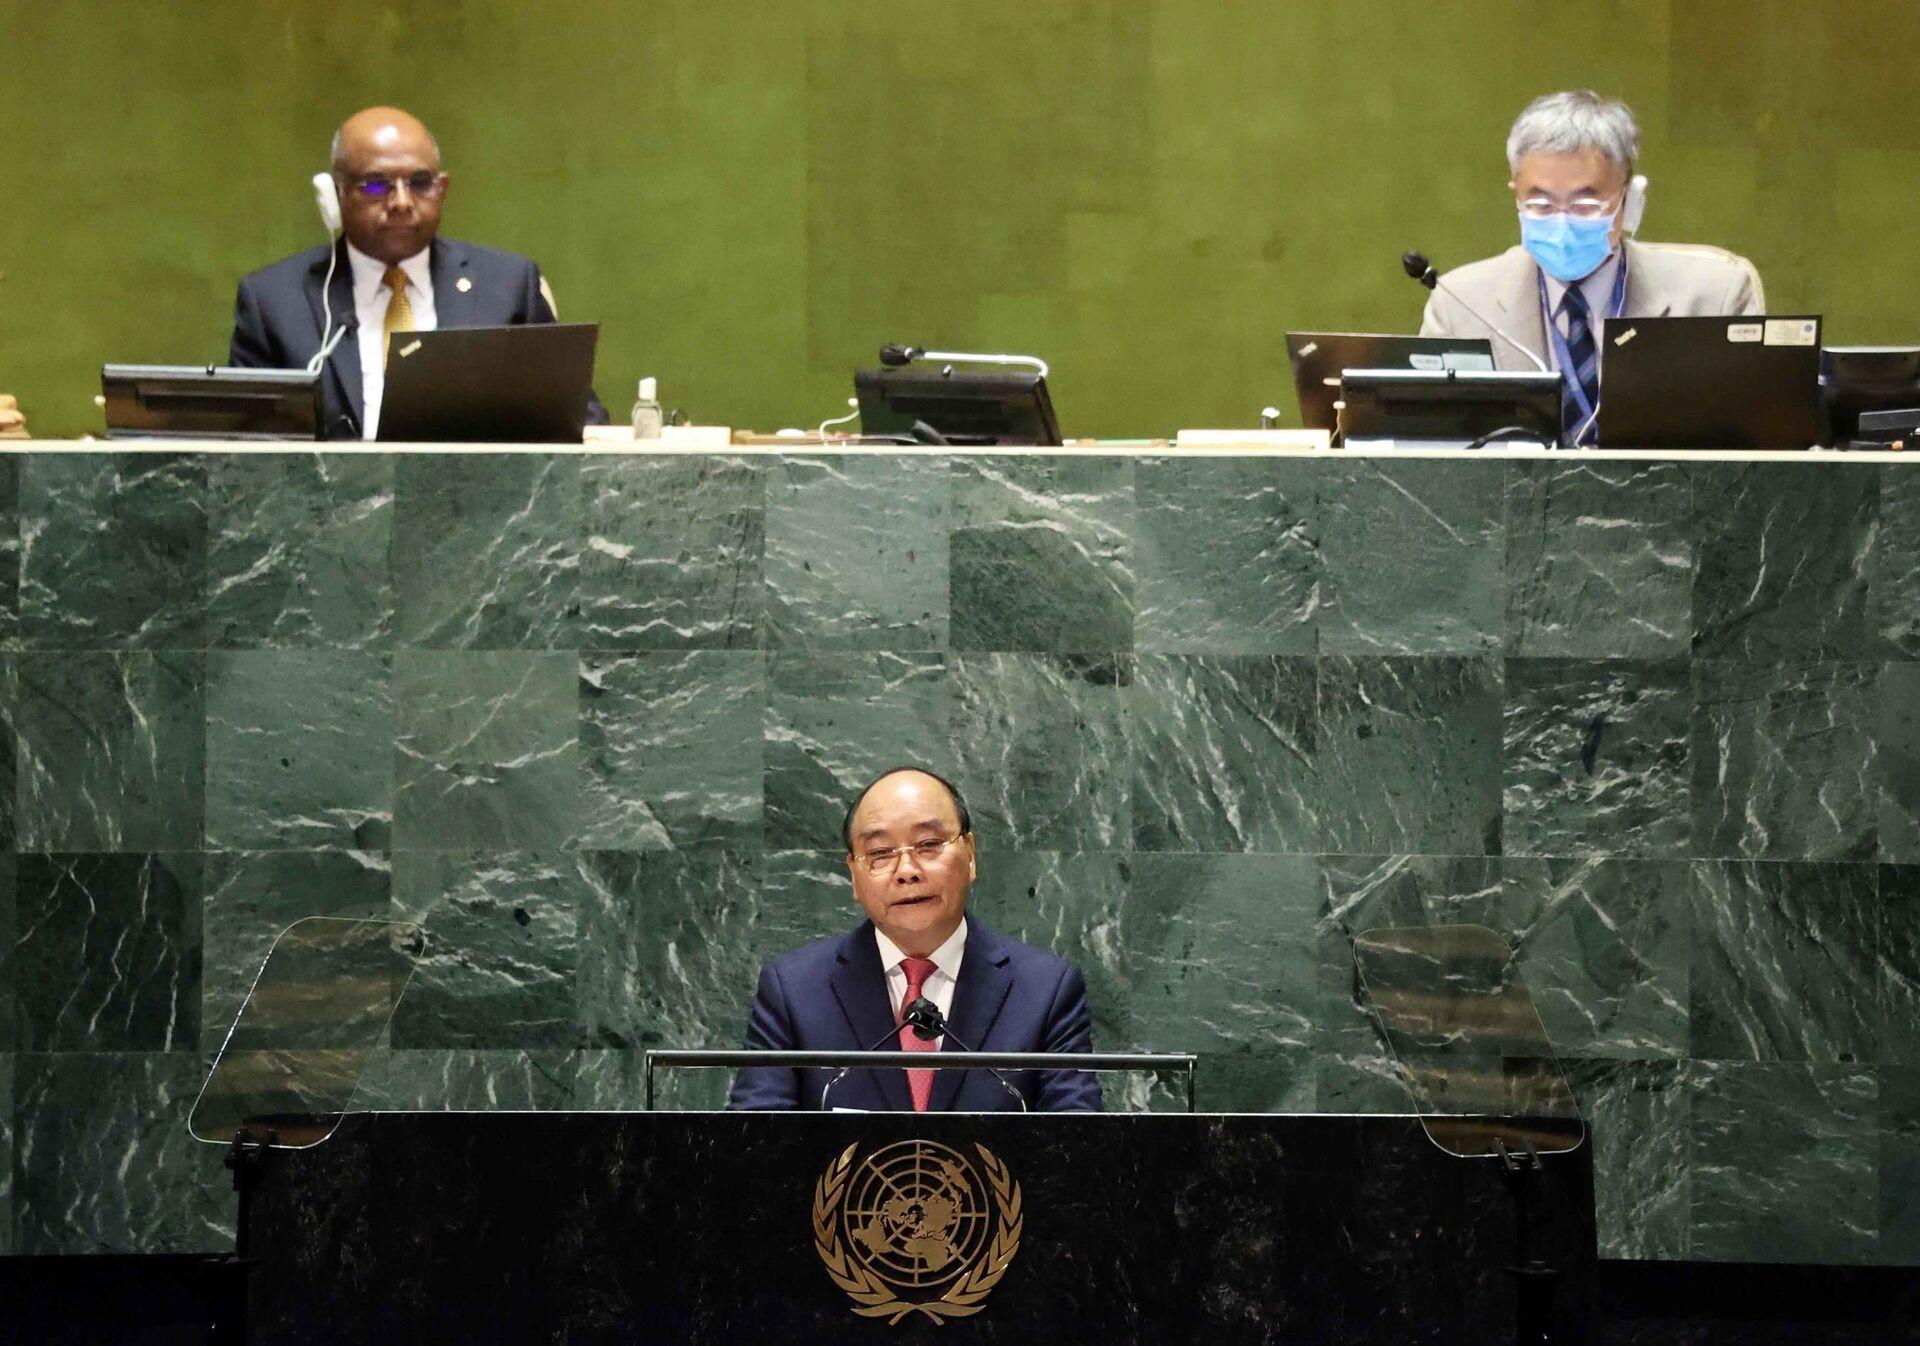 Chủ tịch nước Nguyễn Xuân Phúc phát biểu tại Phiên thảo luận Cấp cao Đại hội đồng Liên hợp quốc lần thứ 76 - Sputnik Việt Nam, 1920, 05.10.2021